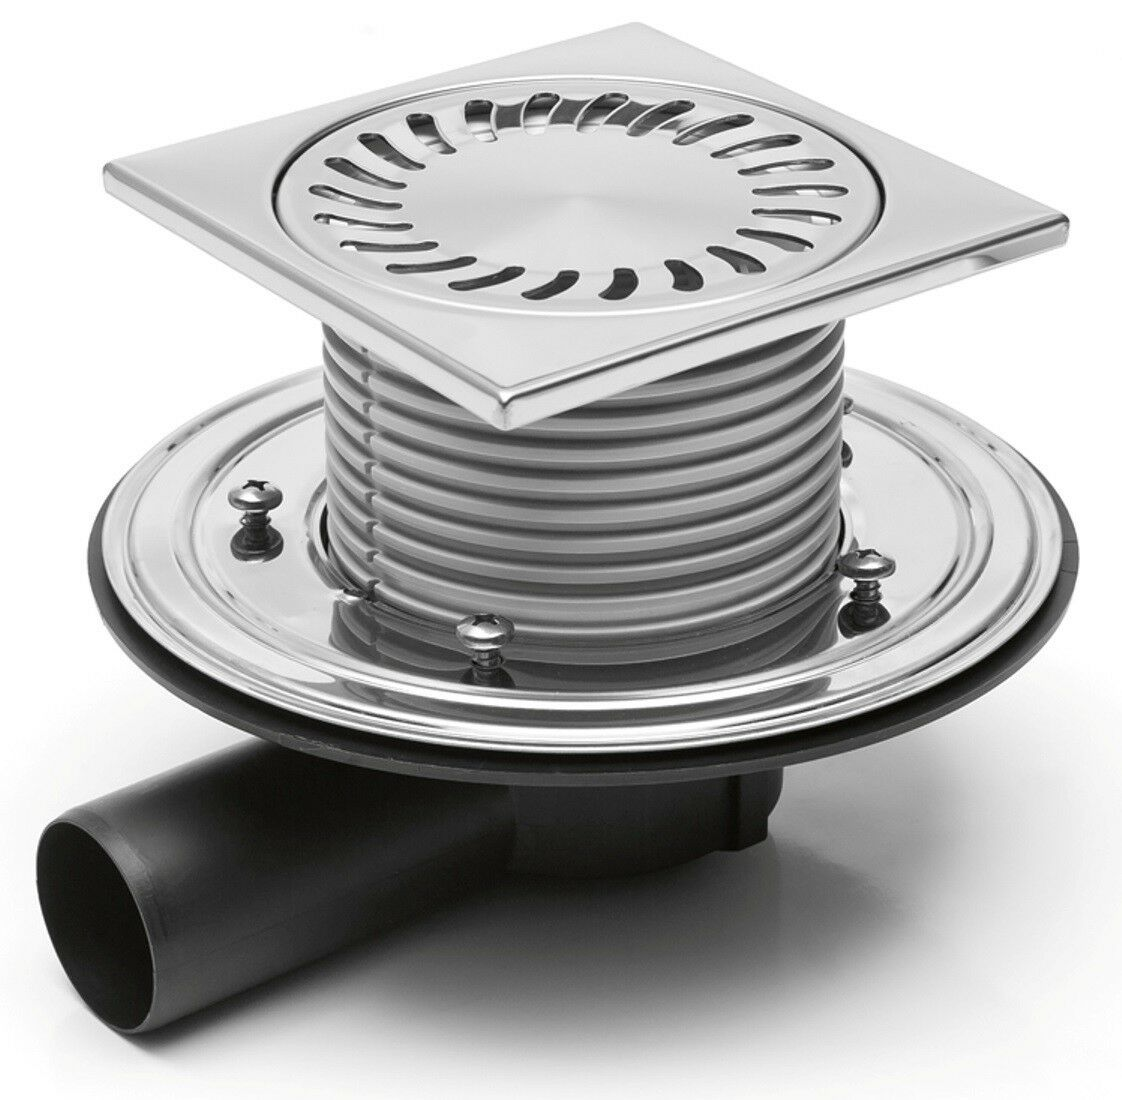 Duschablauf Badablauf 150x150mm Edelstahl DN50 incl Dichtungsmatte (381F+391 1)